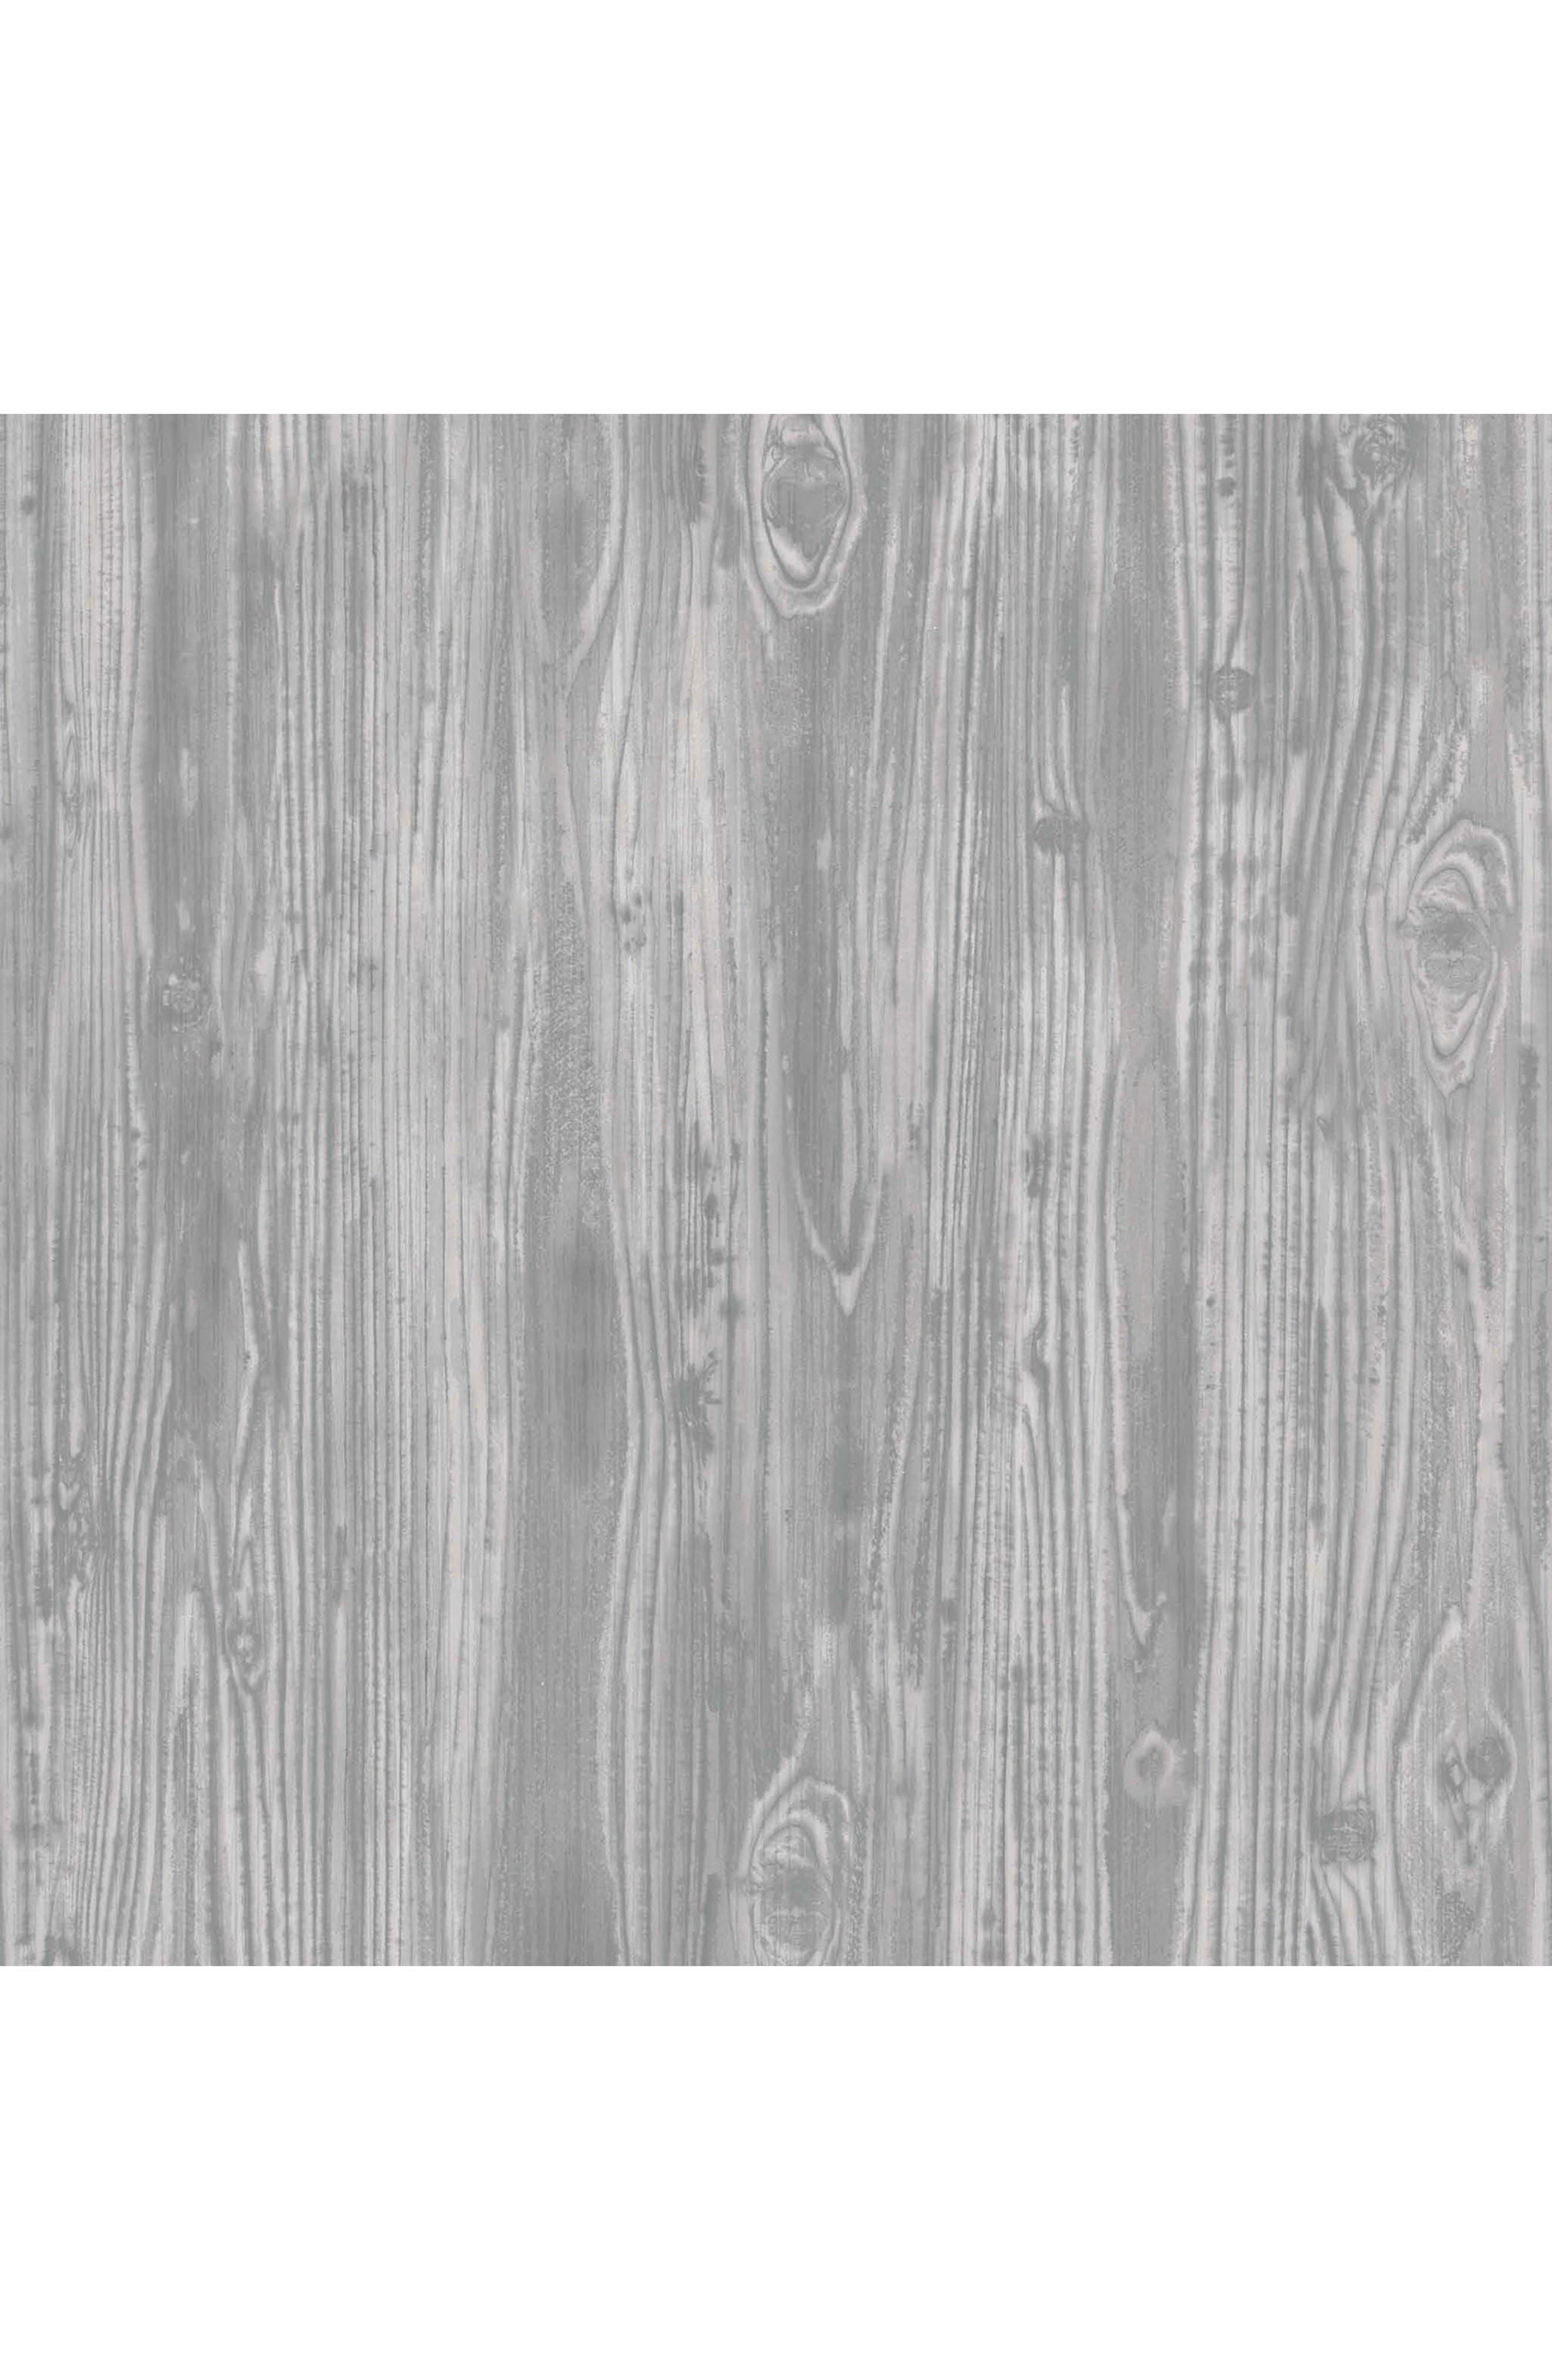 Woodgrain Self-Adhesive Vinyl Wallpaper,                         Main,                         color, Pewter